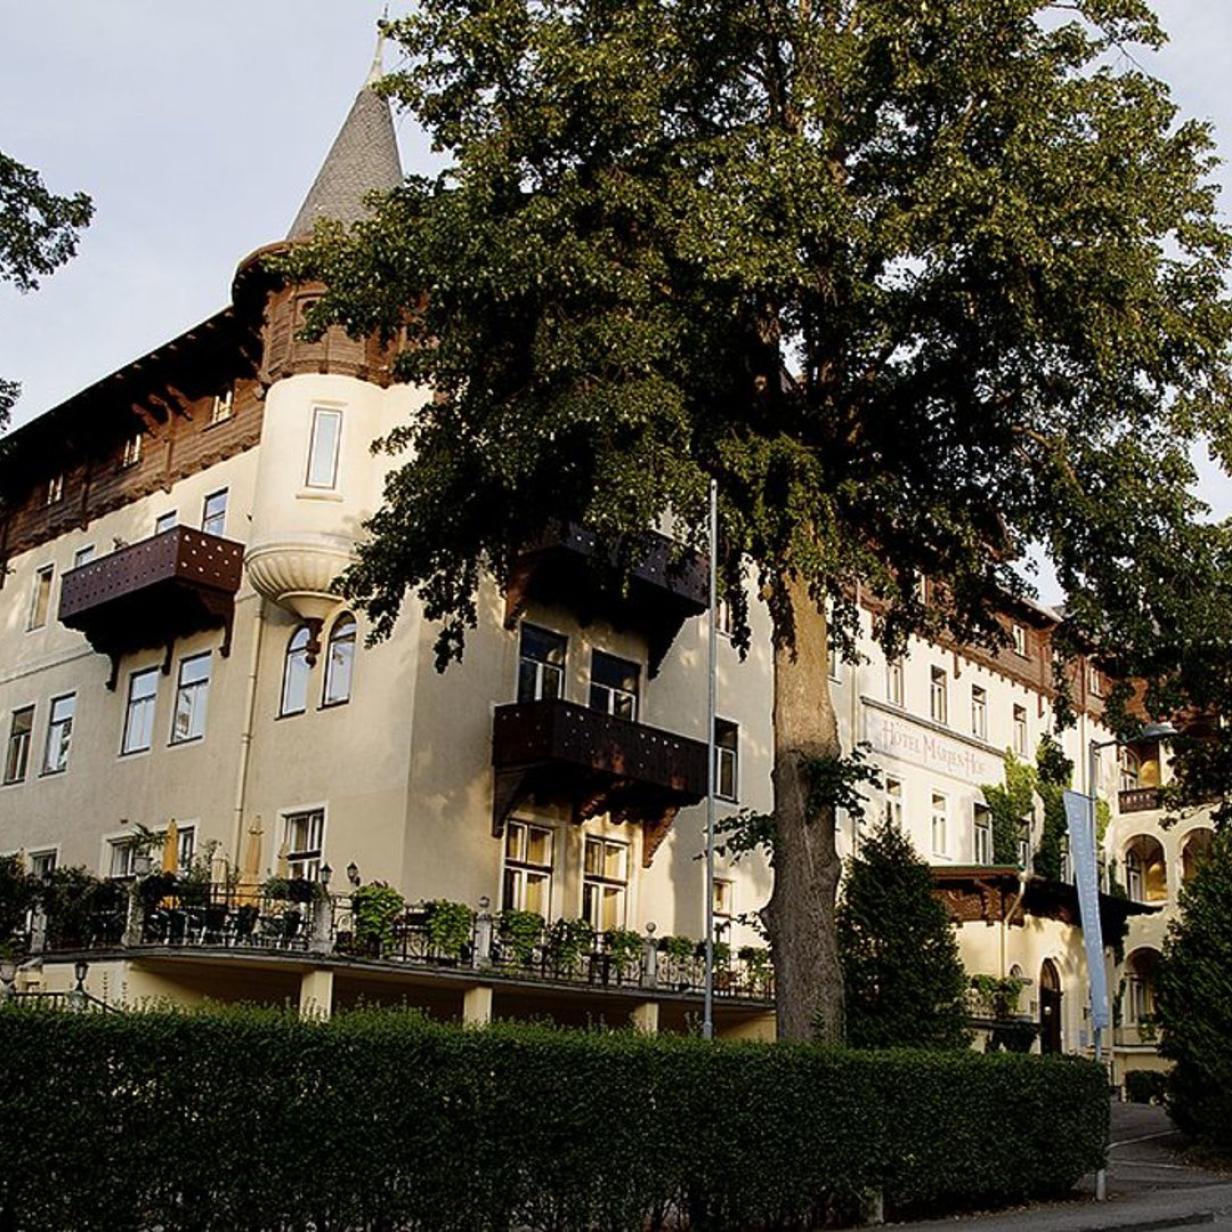 Reichenau an der rax anzeigen bekanntschaften, Single lokale in